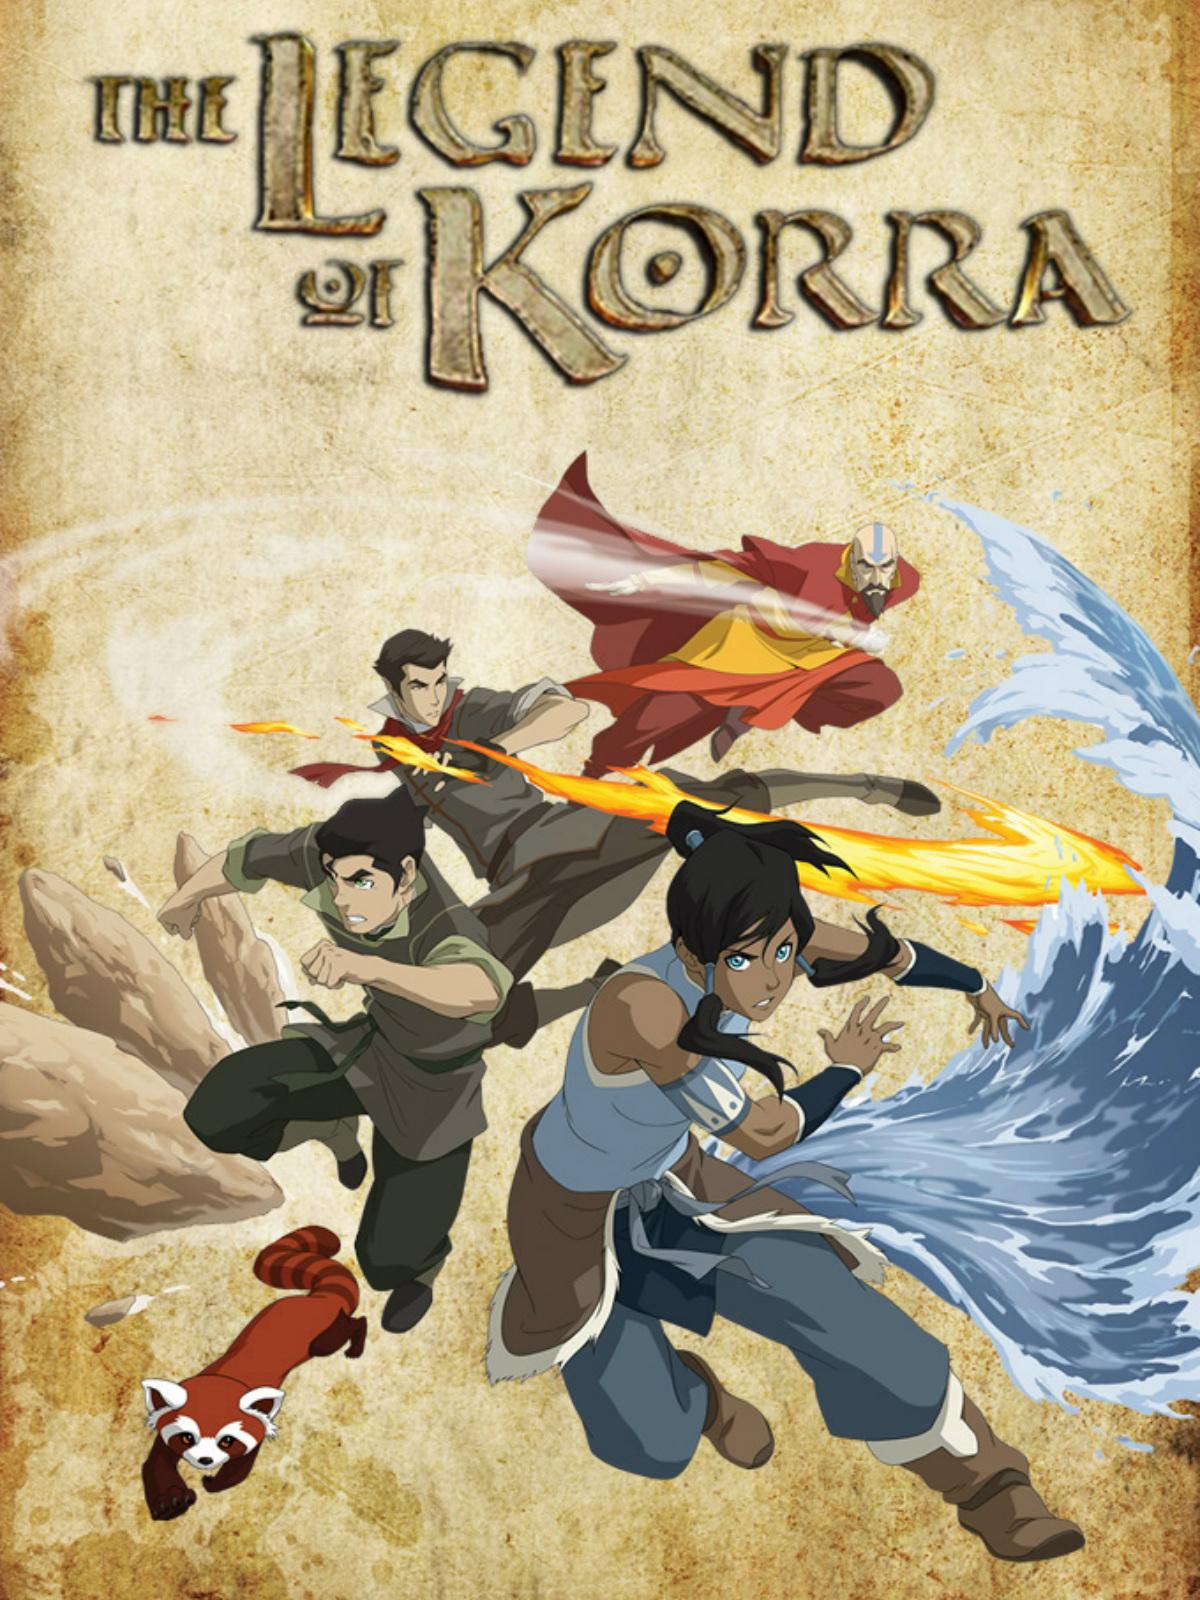 La leyenda de Korra 1080p Dual Latino/Ingles